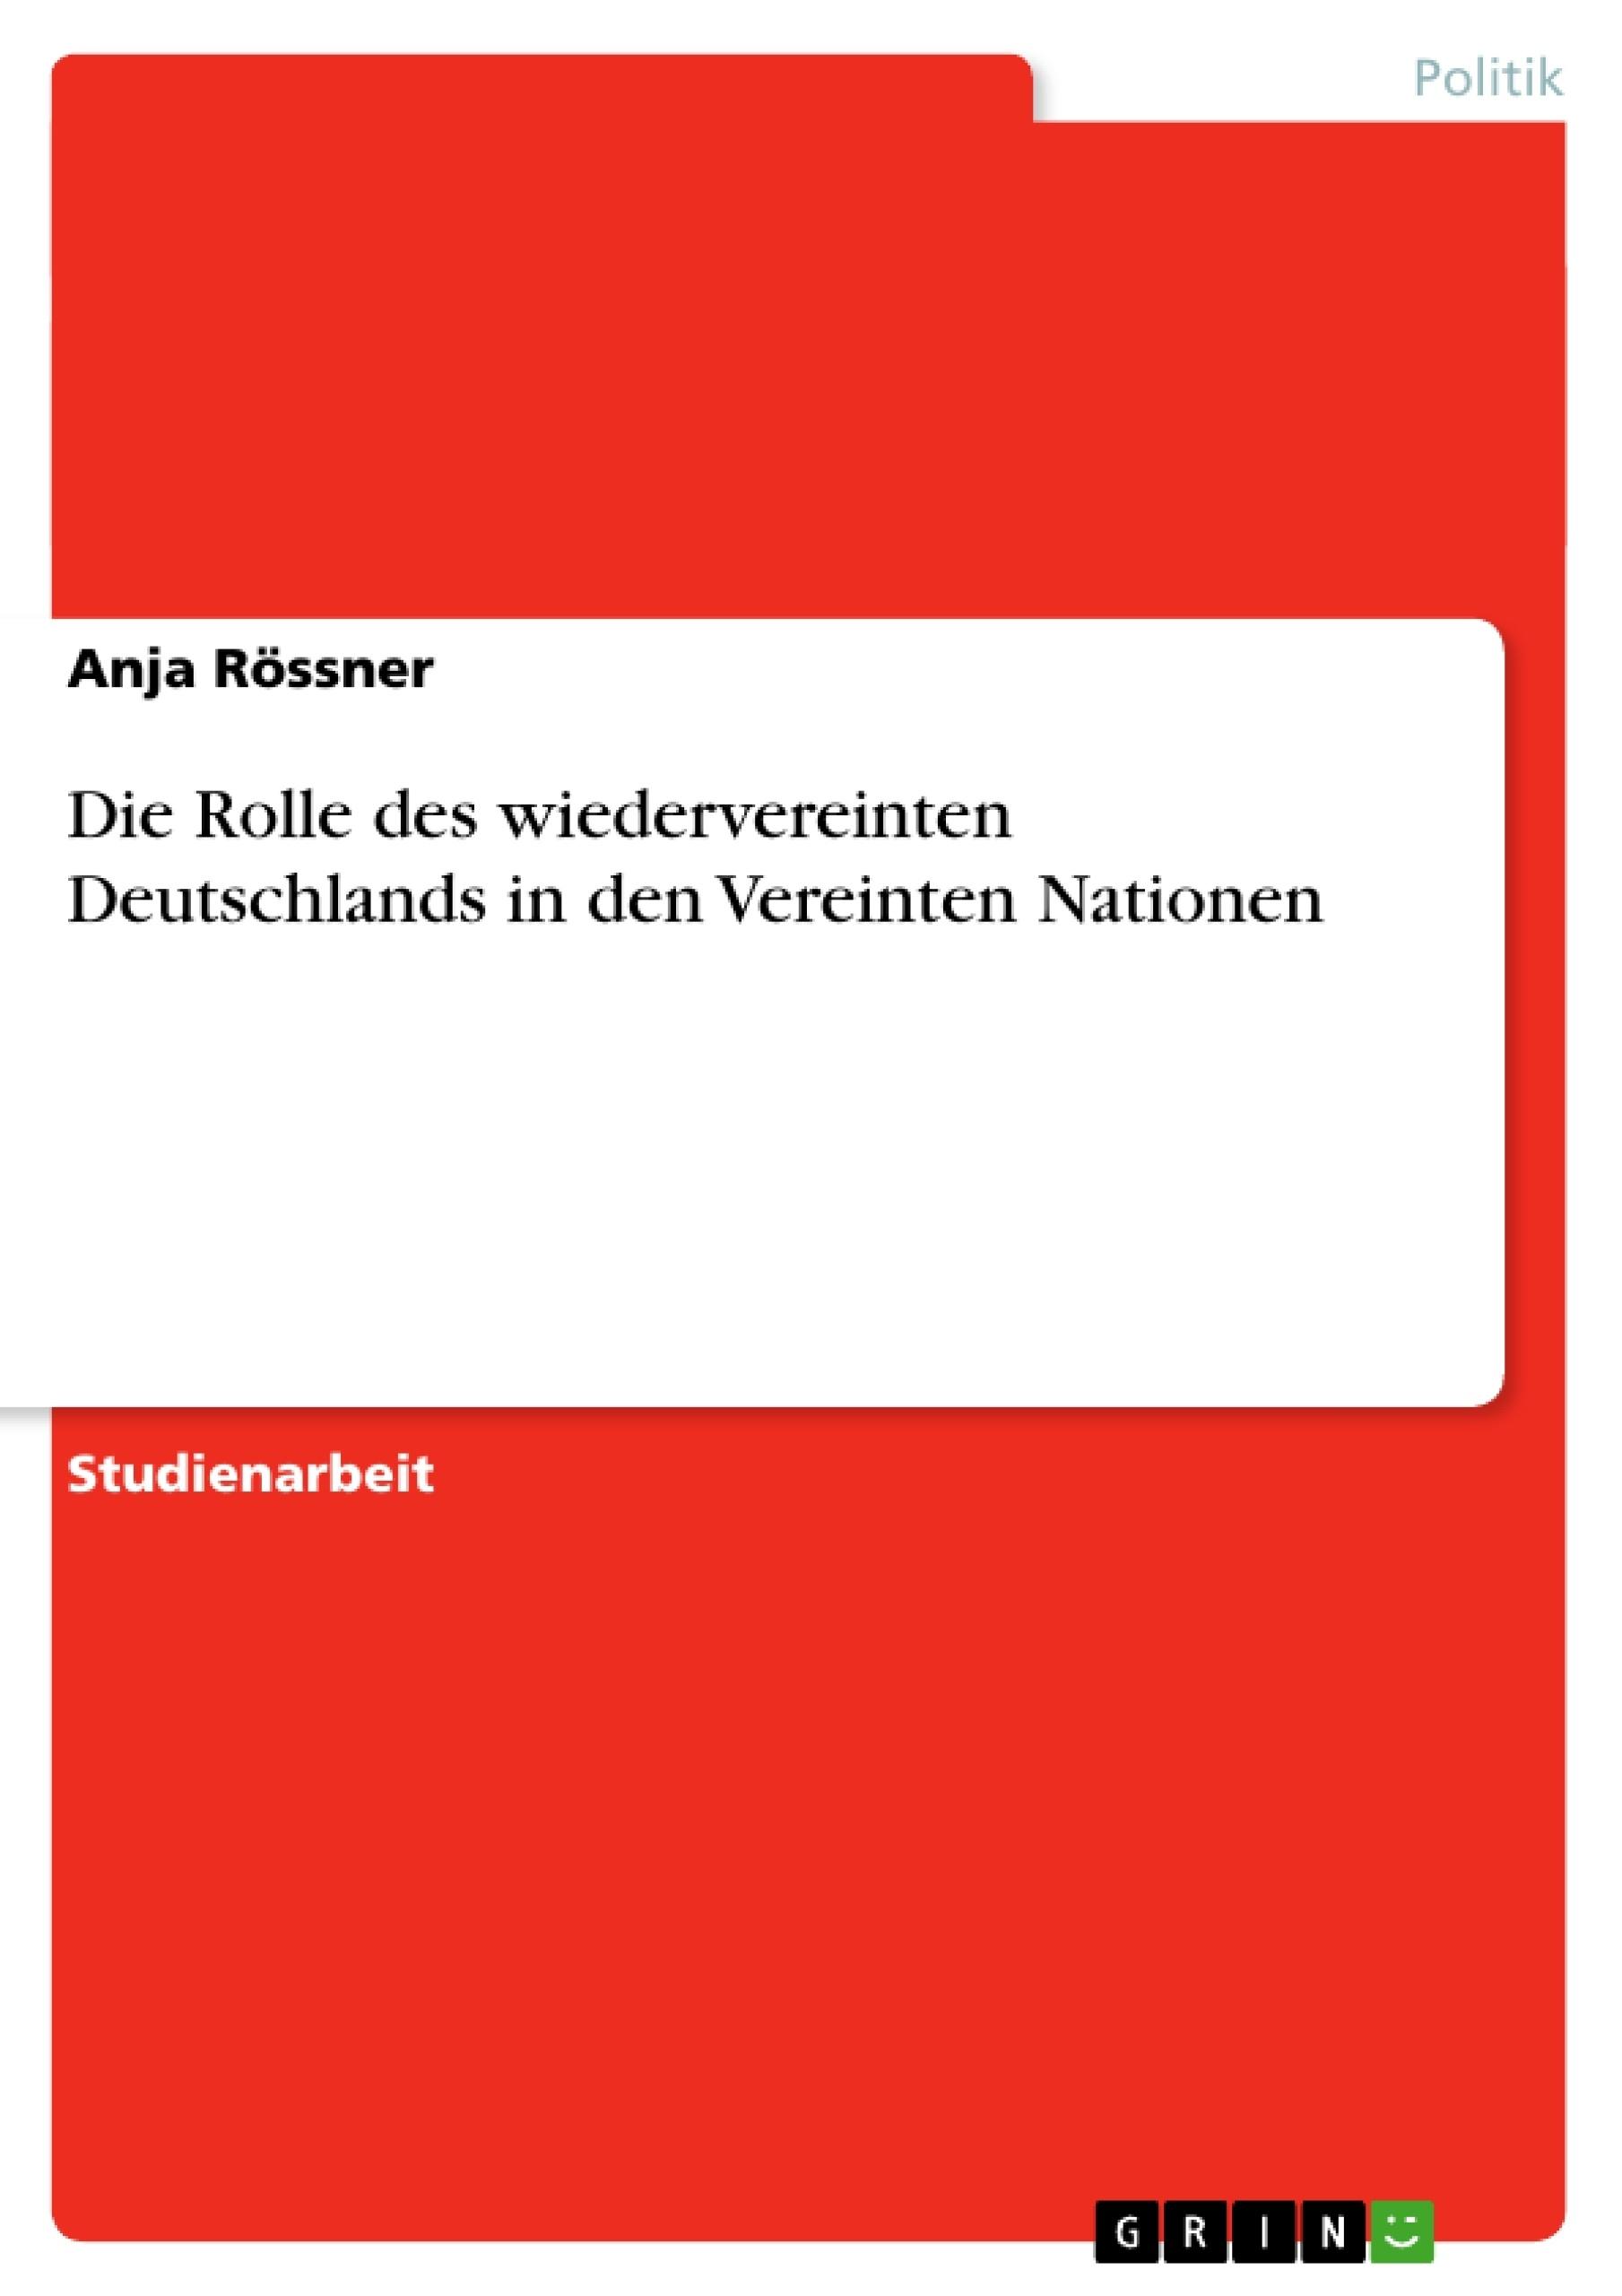 Titel: Die Rolle des wiedervereinten Deutschlands in den Vereinten Nationen